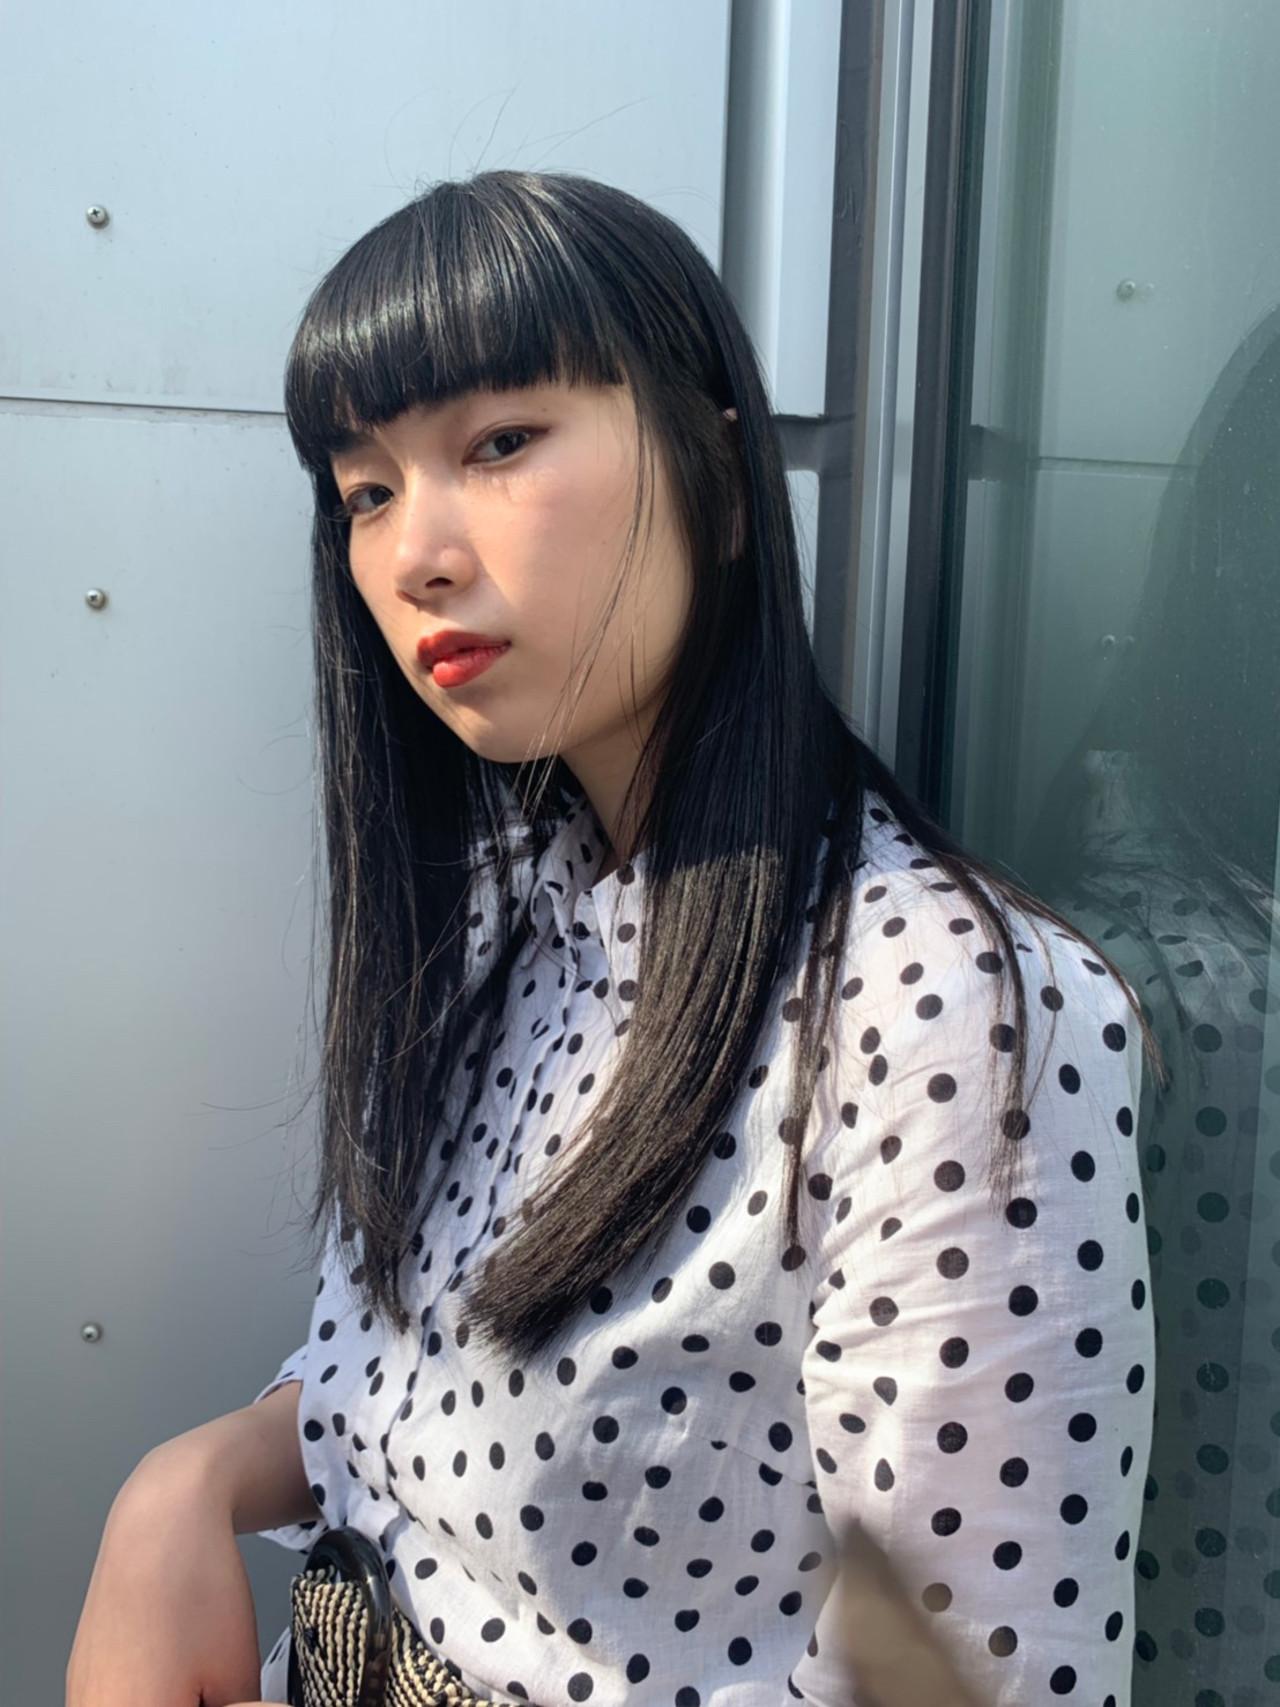 似合わせカット PEEK-A-BOO ロング モード ヘアスタイルや髪型の写真・画像